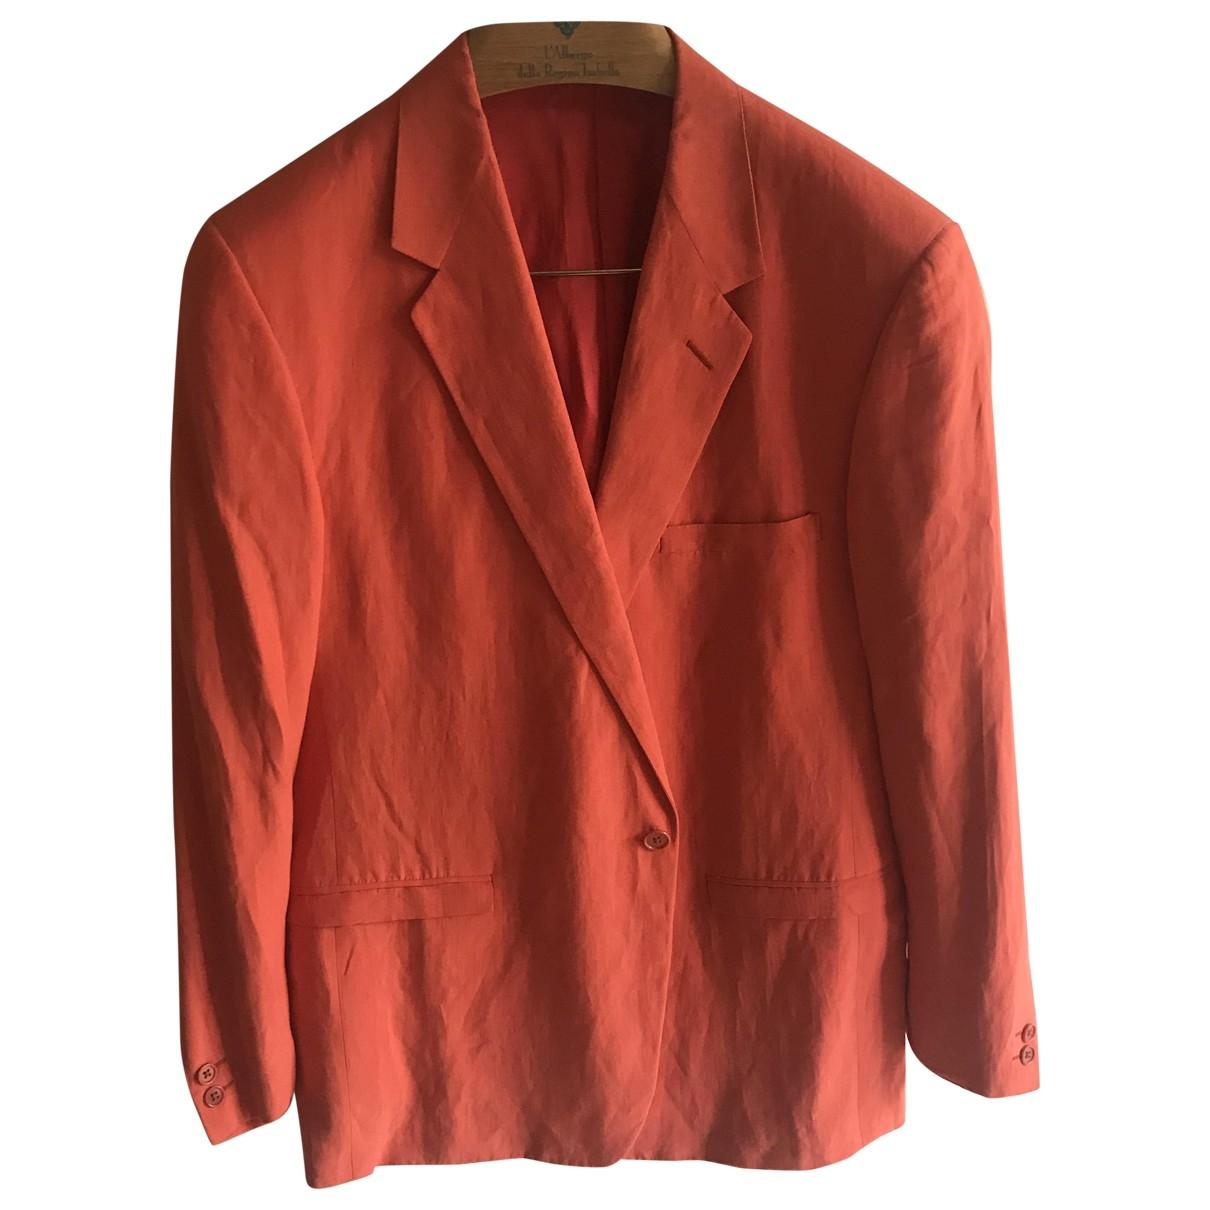 Gianni Versace - Vestes.Blousons   pour homme en lin - orange